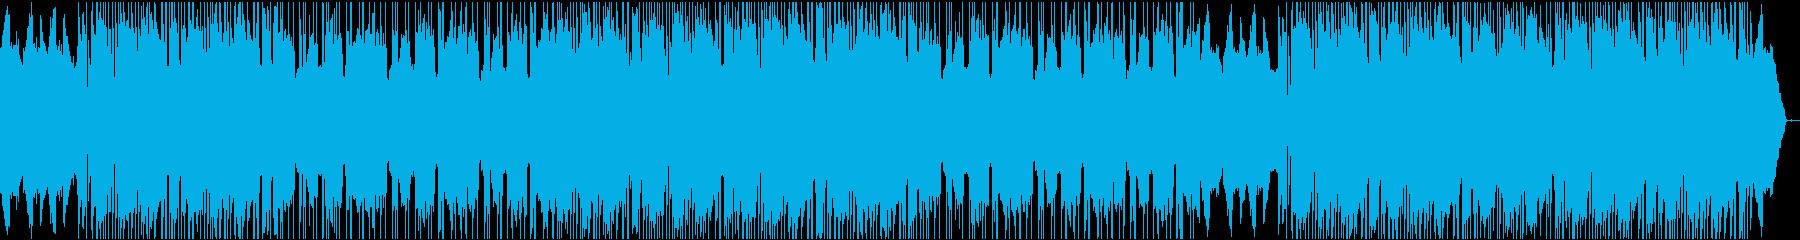 優しい感じのインストHIPHOP系ビートの再生済みの波形